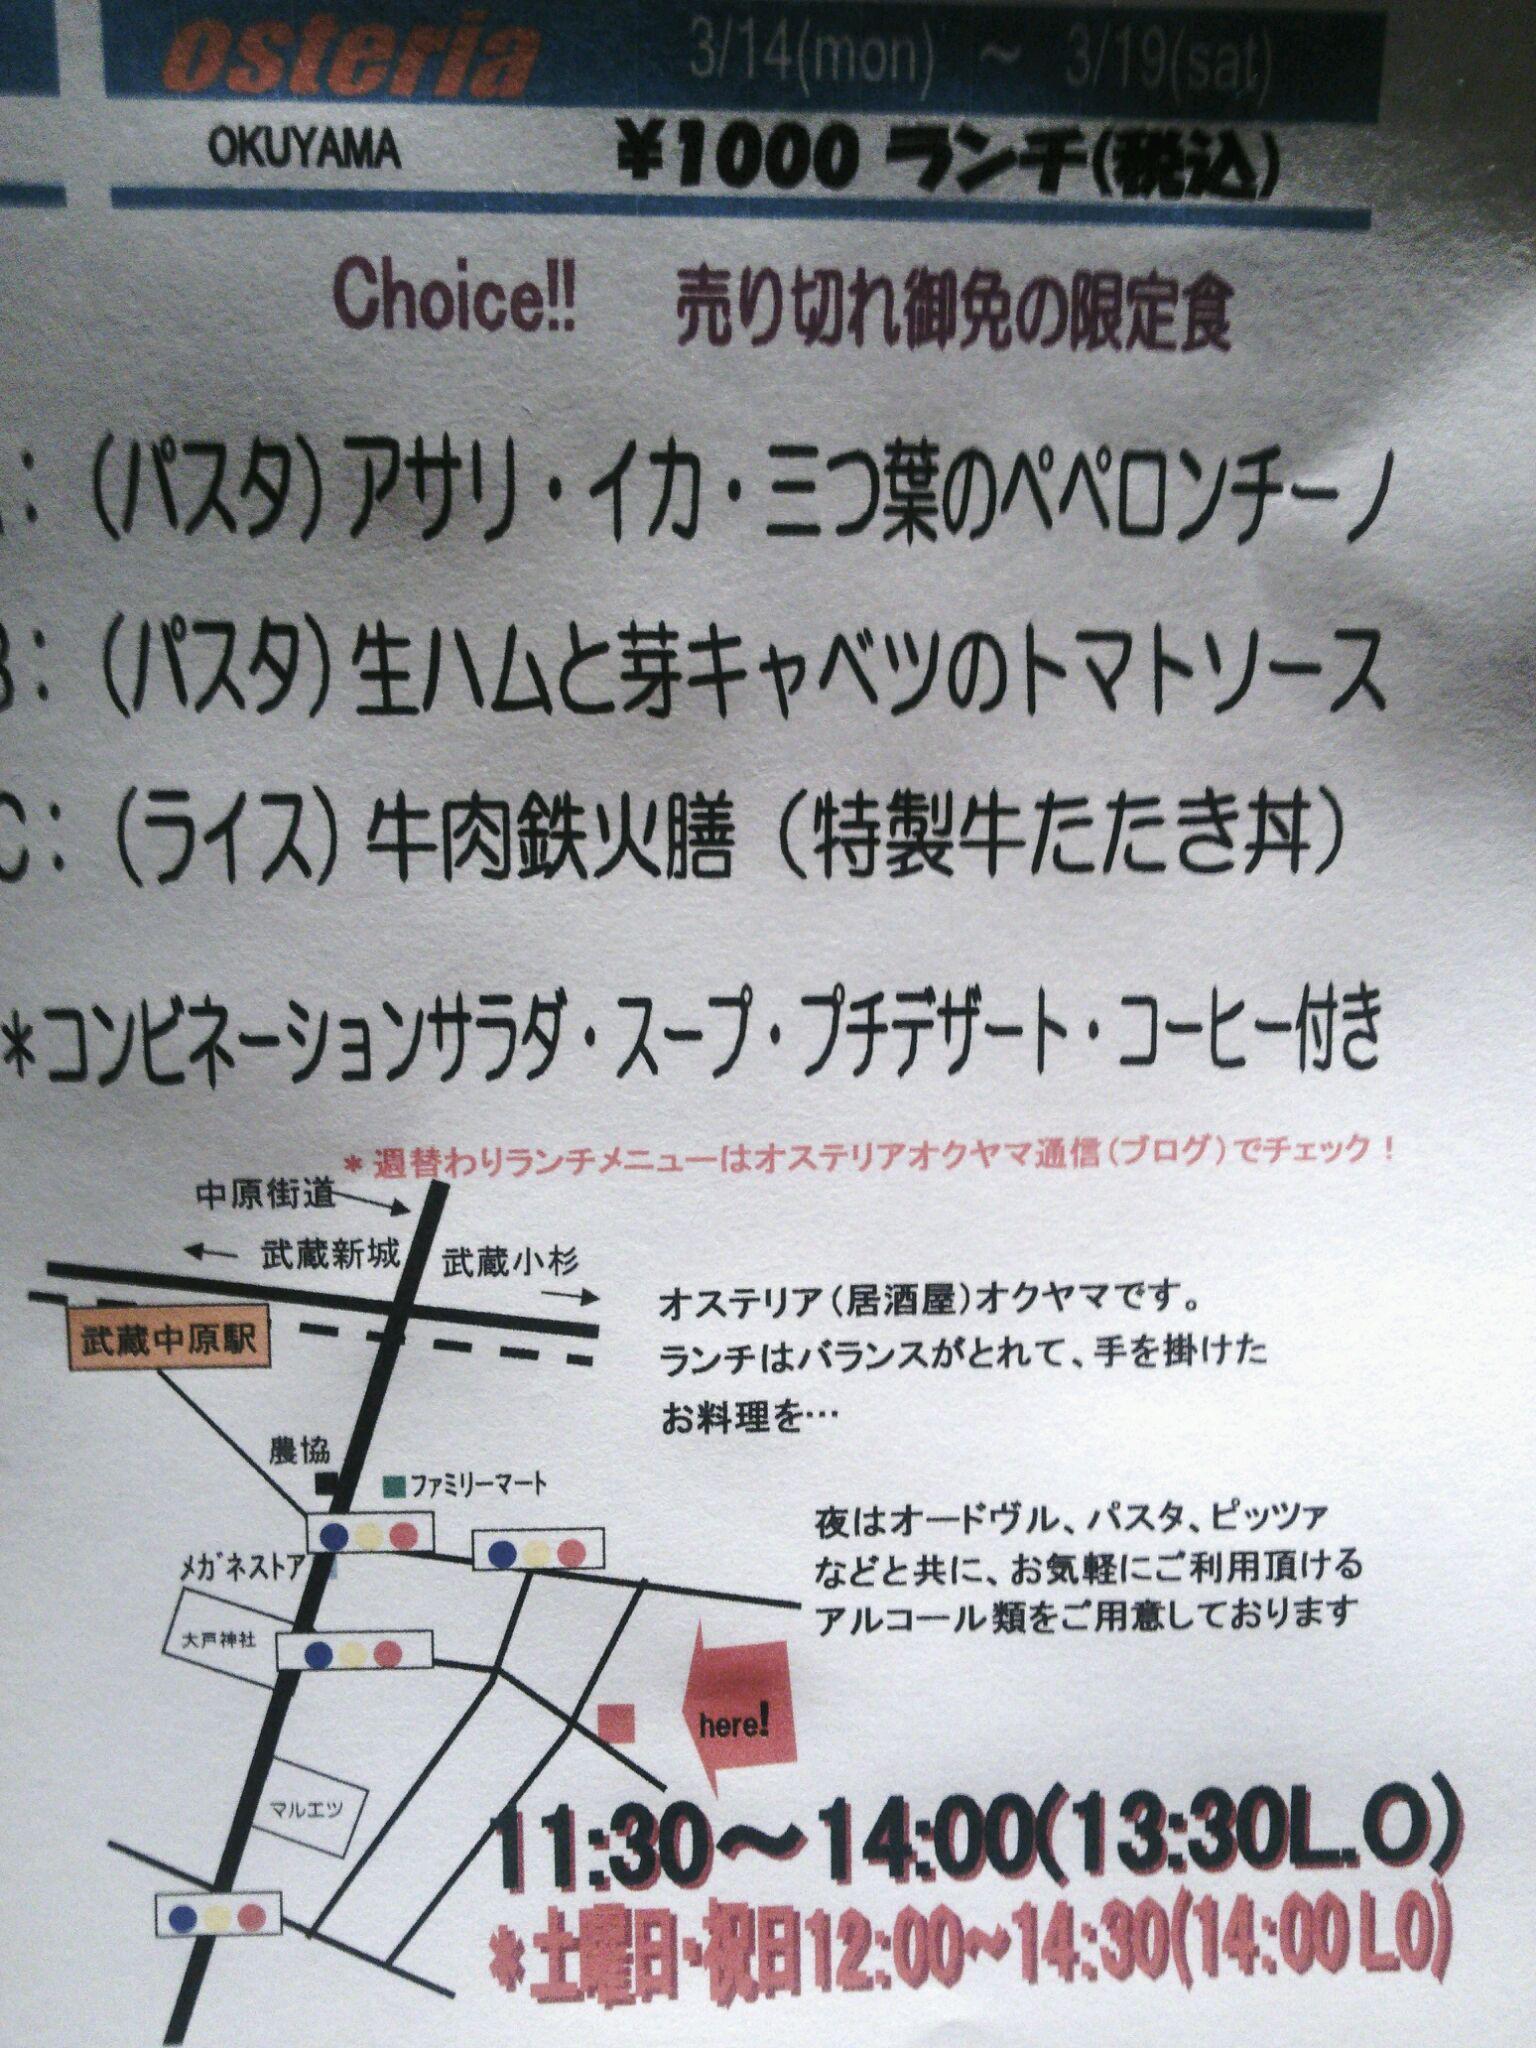 3/14(月)〜3/19(土)ランチ